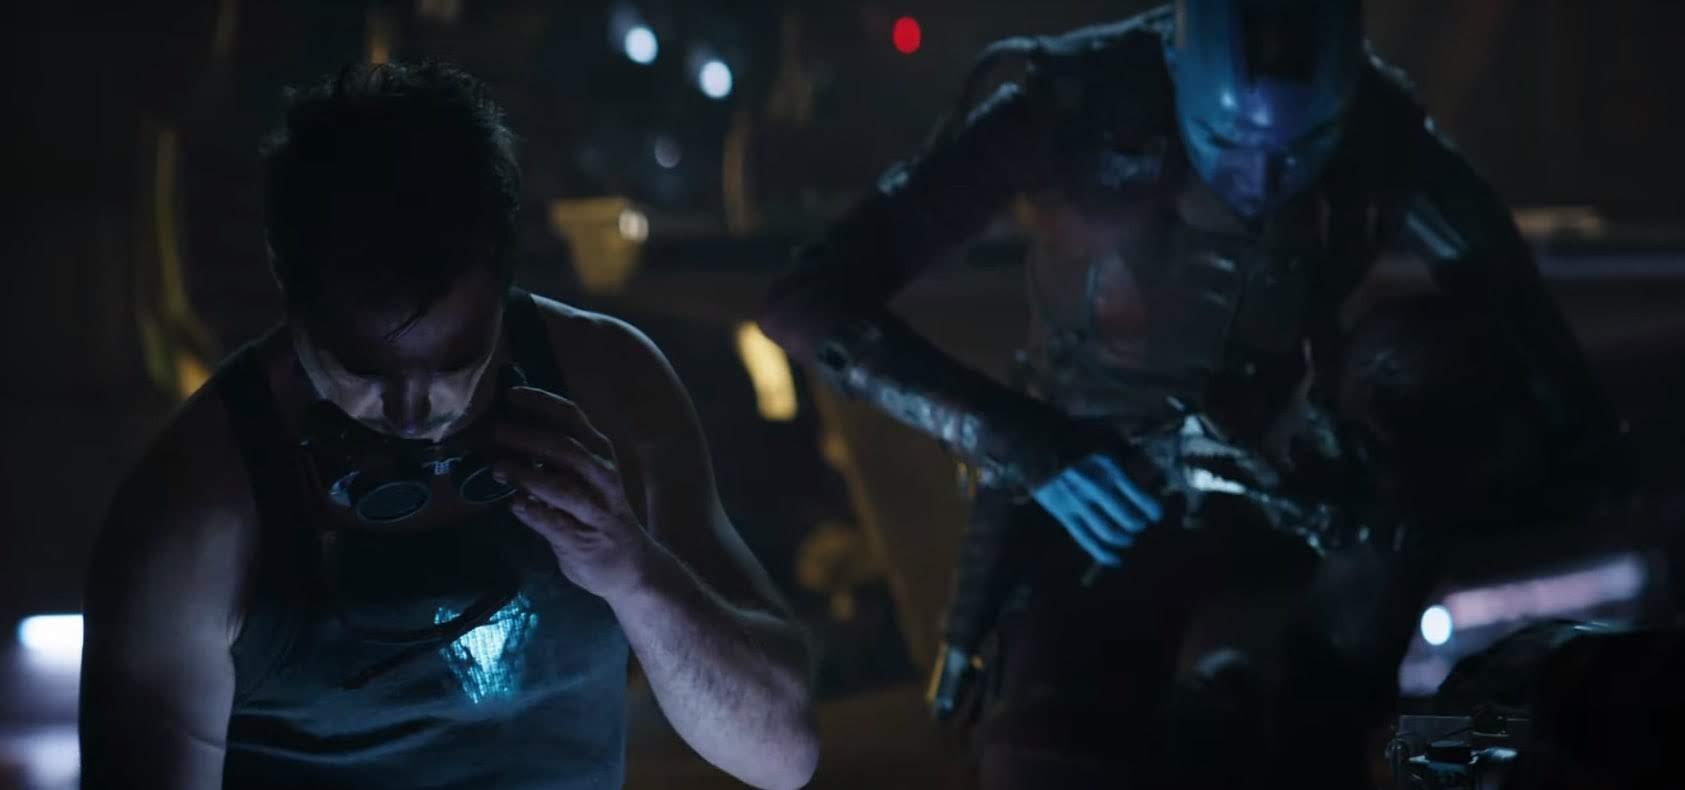 Happy Chinese New Year from Avengers : マーベルのヒーロー大集合映画のクライマックス「アベンジャーズ : エンドゲーム」が、中国の春節をお祝いした新しいポスターとスーパーボウル・スポットを予告編に織り交ぜて編集した総まとめの予告編 ! !